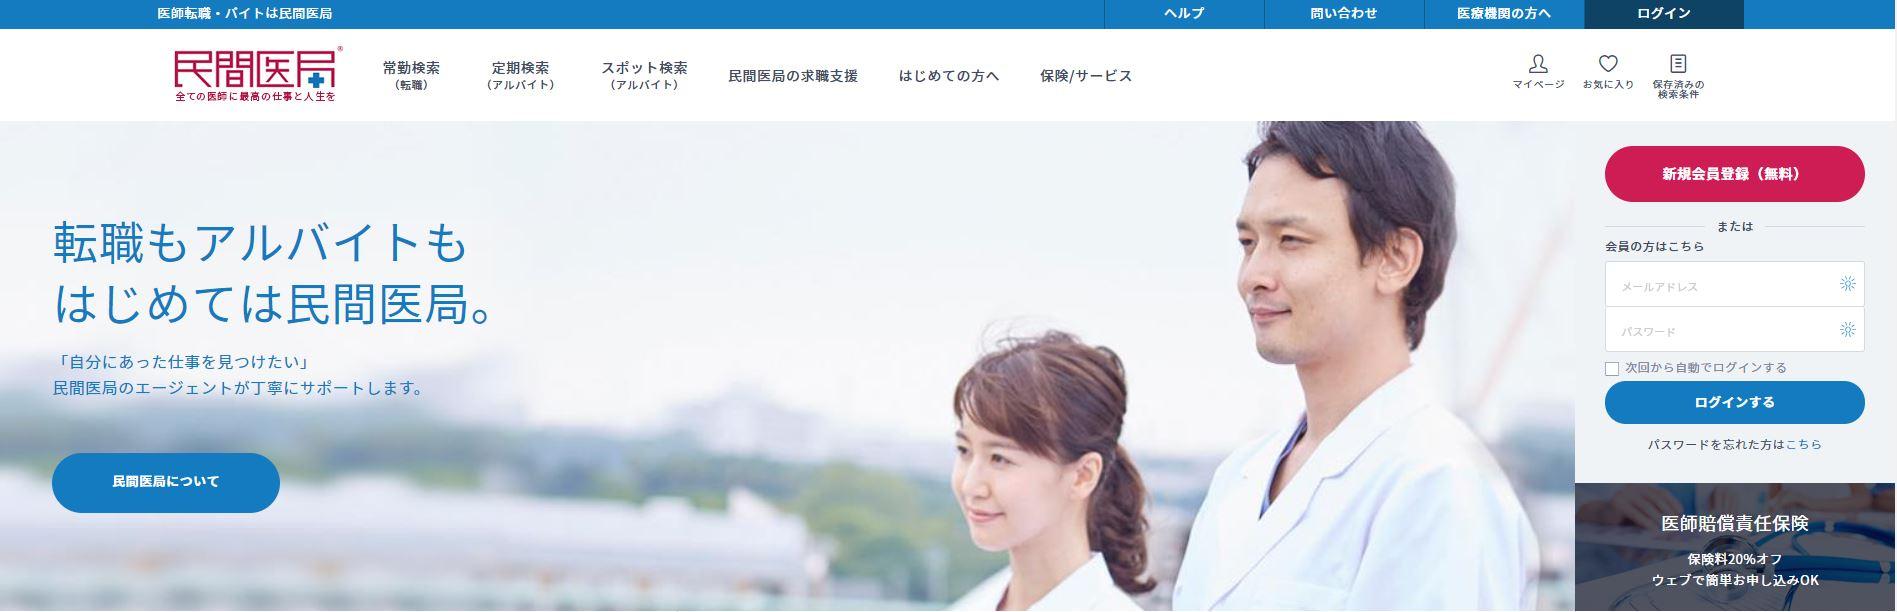 医師の転職サイト民間医局のヘッダー画像